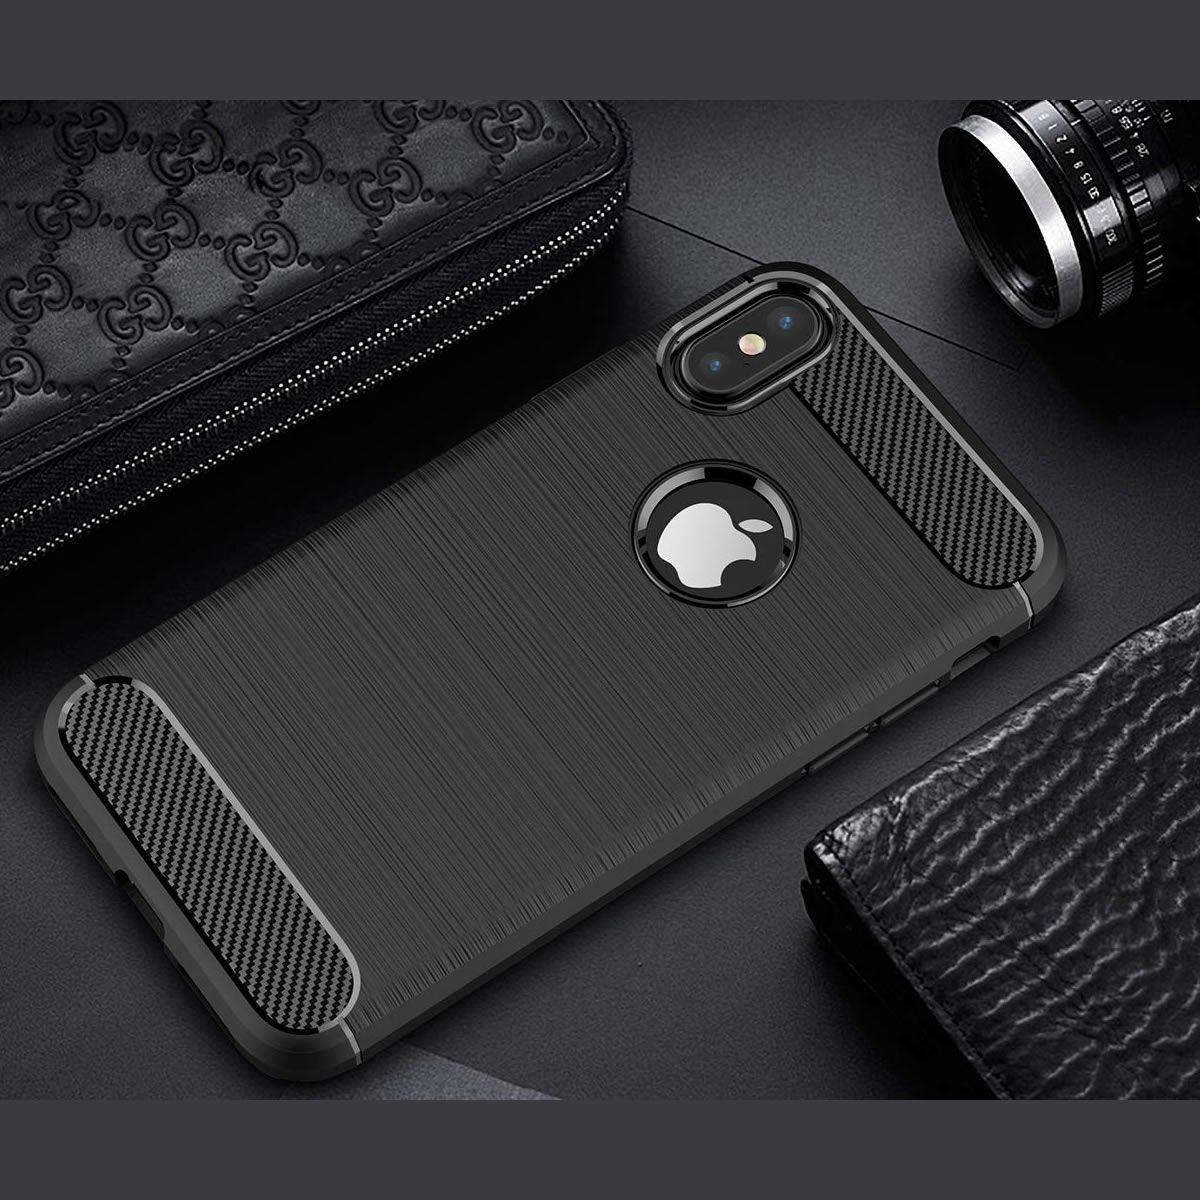 Capa para Iphone X em Poliuretano Fibra de Carbono - Preta